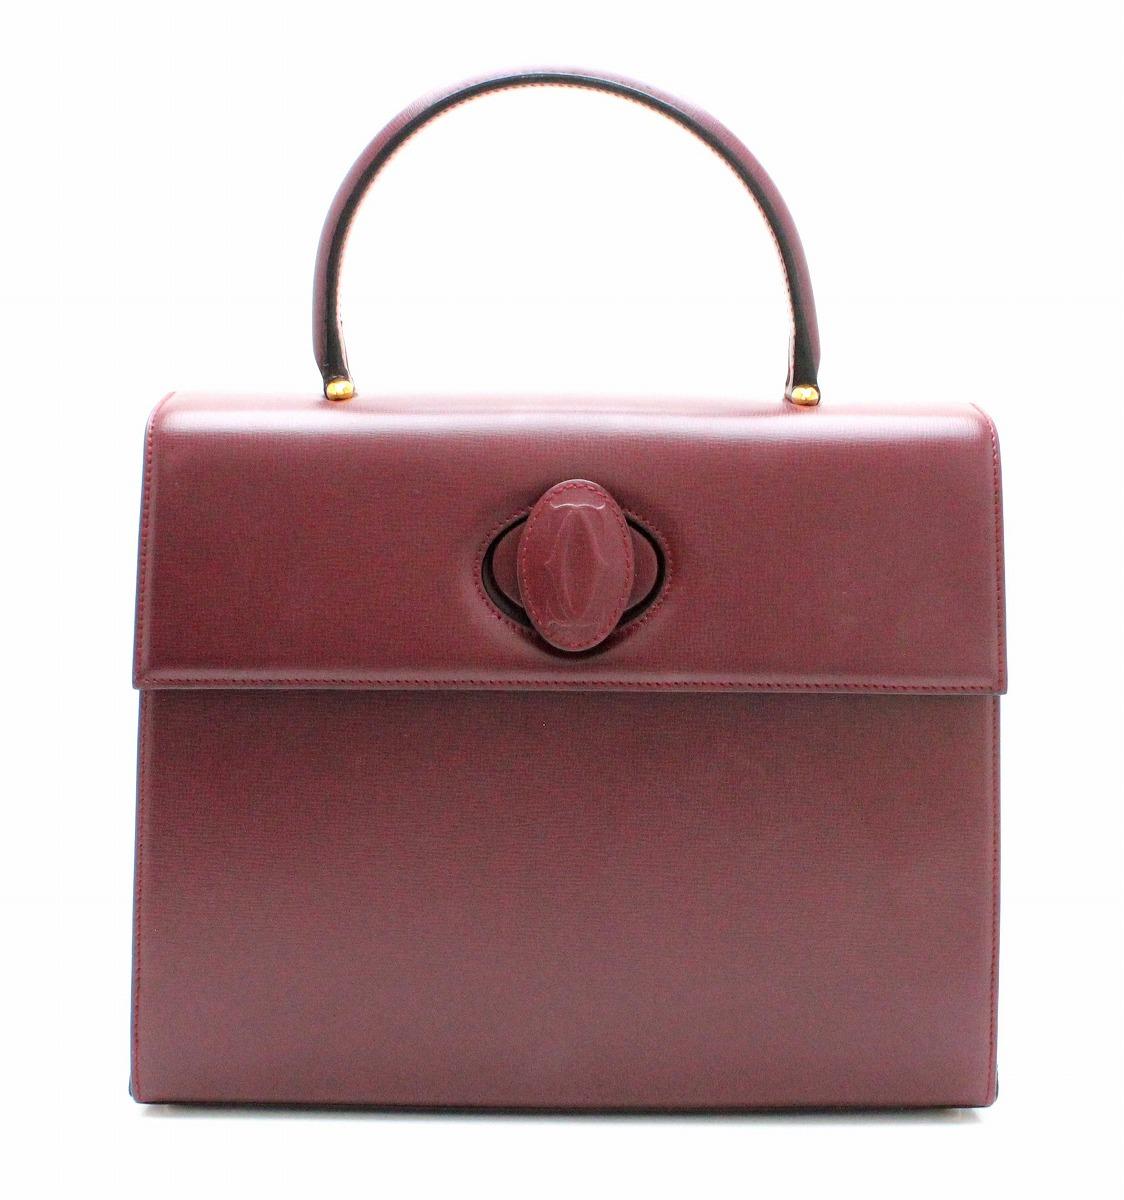 【バッグ】Cartier カルティエ マストライン ハンドバッグ ボルドー ゴールド金具 L1000169 【中古】【k】